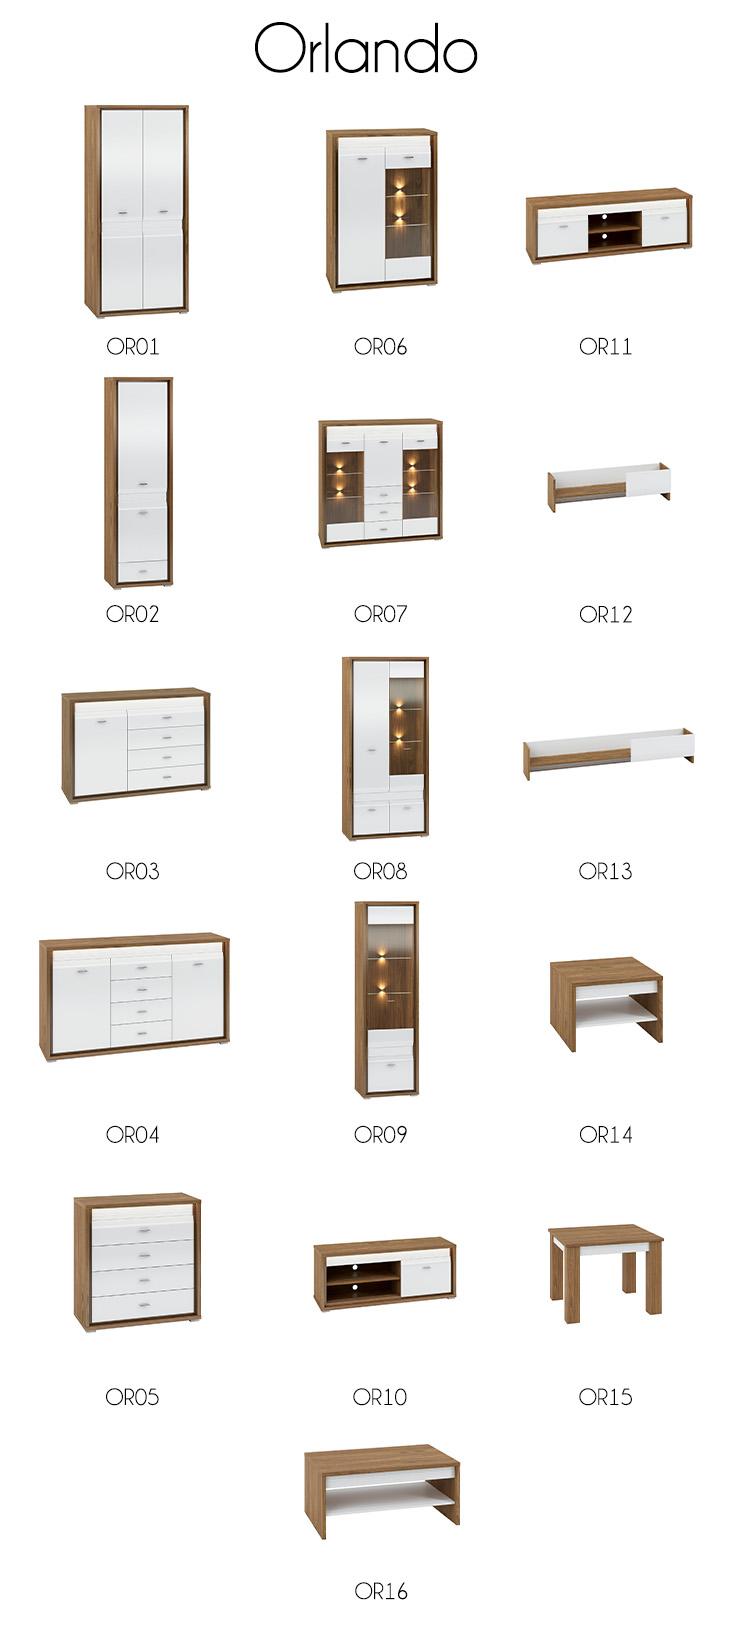 Kolekcja mebli ORLANDO DALLAS